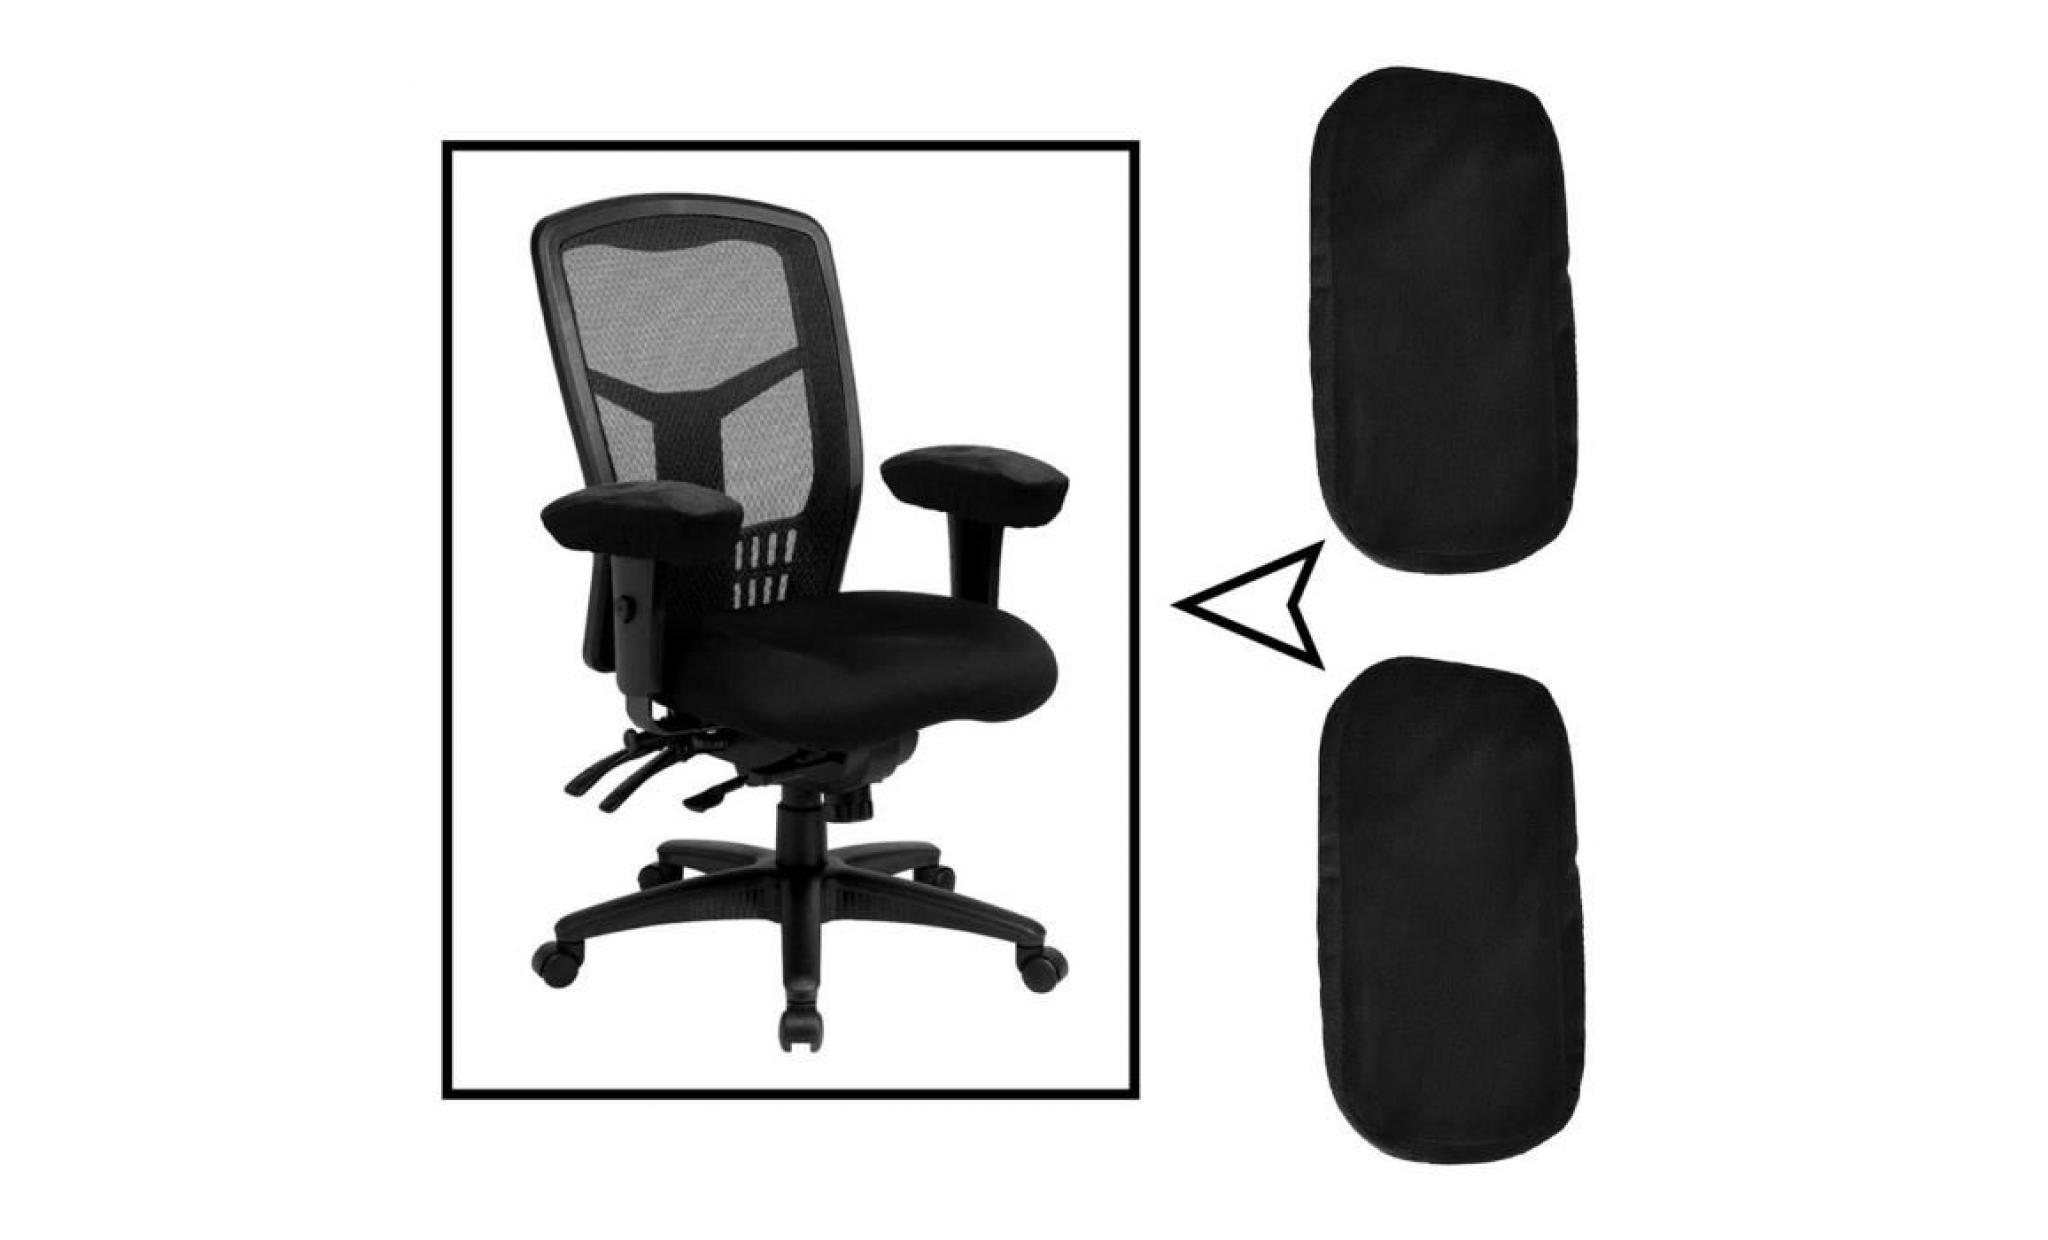 Bras Repos Confortable Chaise Mousse 2pcs D'accoudoir Pour Coude De Tapis Bureau Le Mémoire Coussins eCoWxrdB